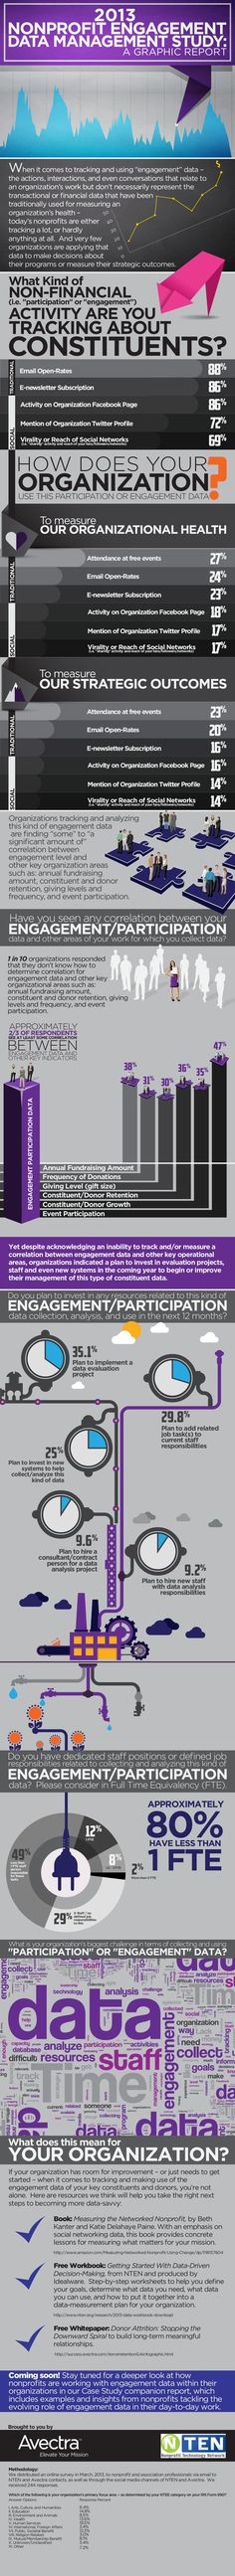 2013 Nonprofit Engagement Data Management Study A